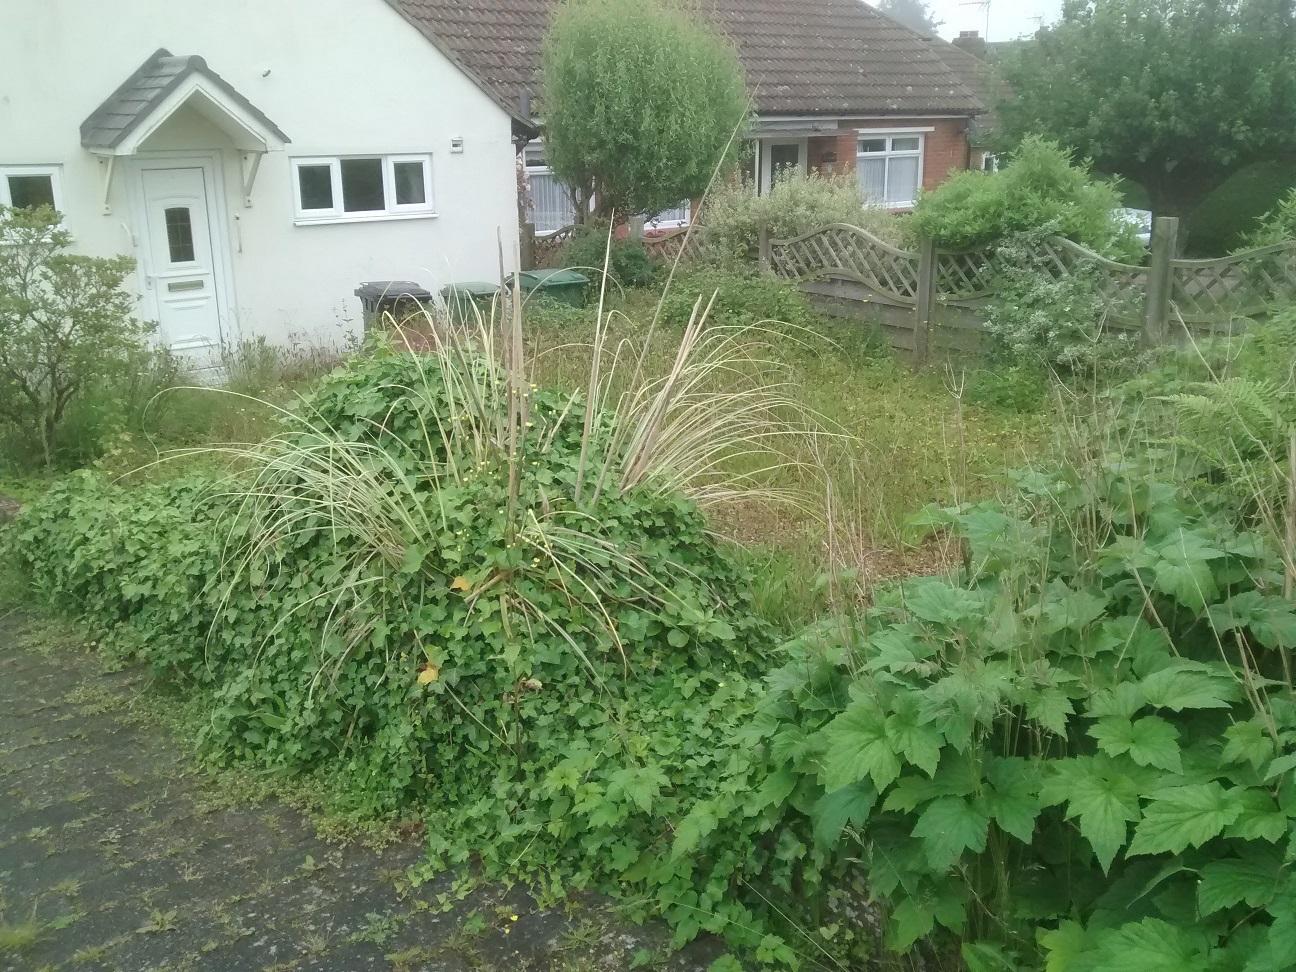 Front garden overgrown